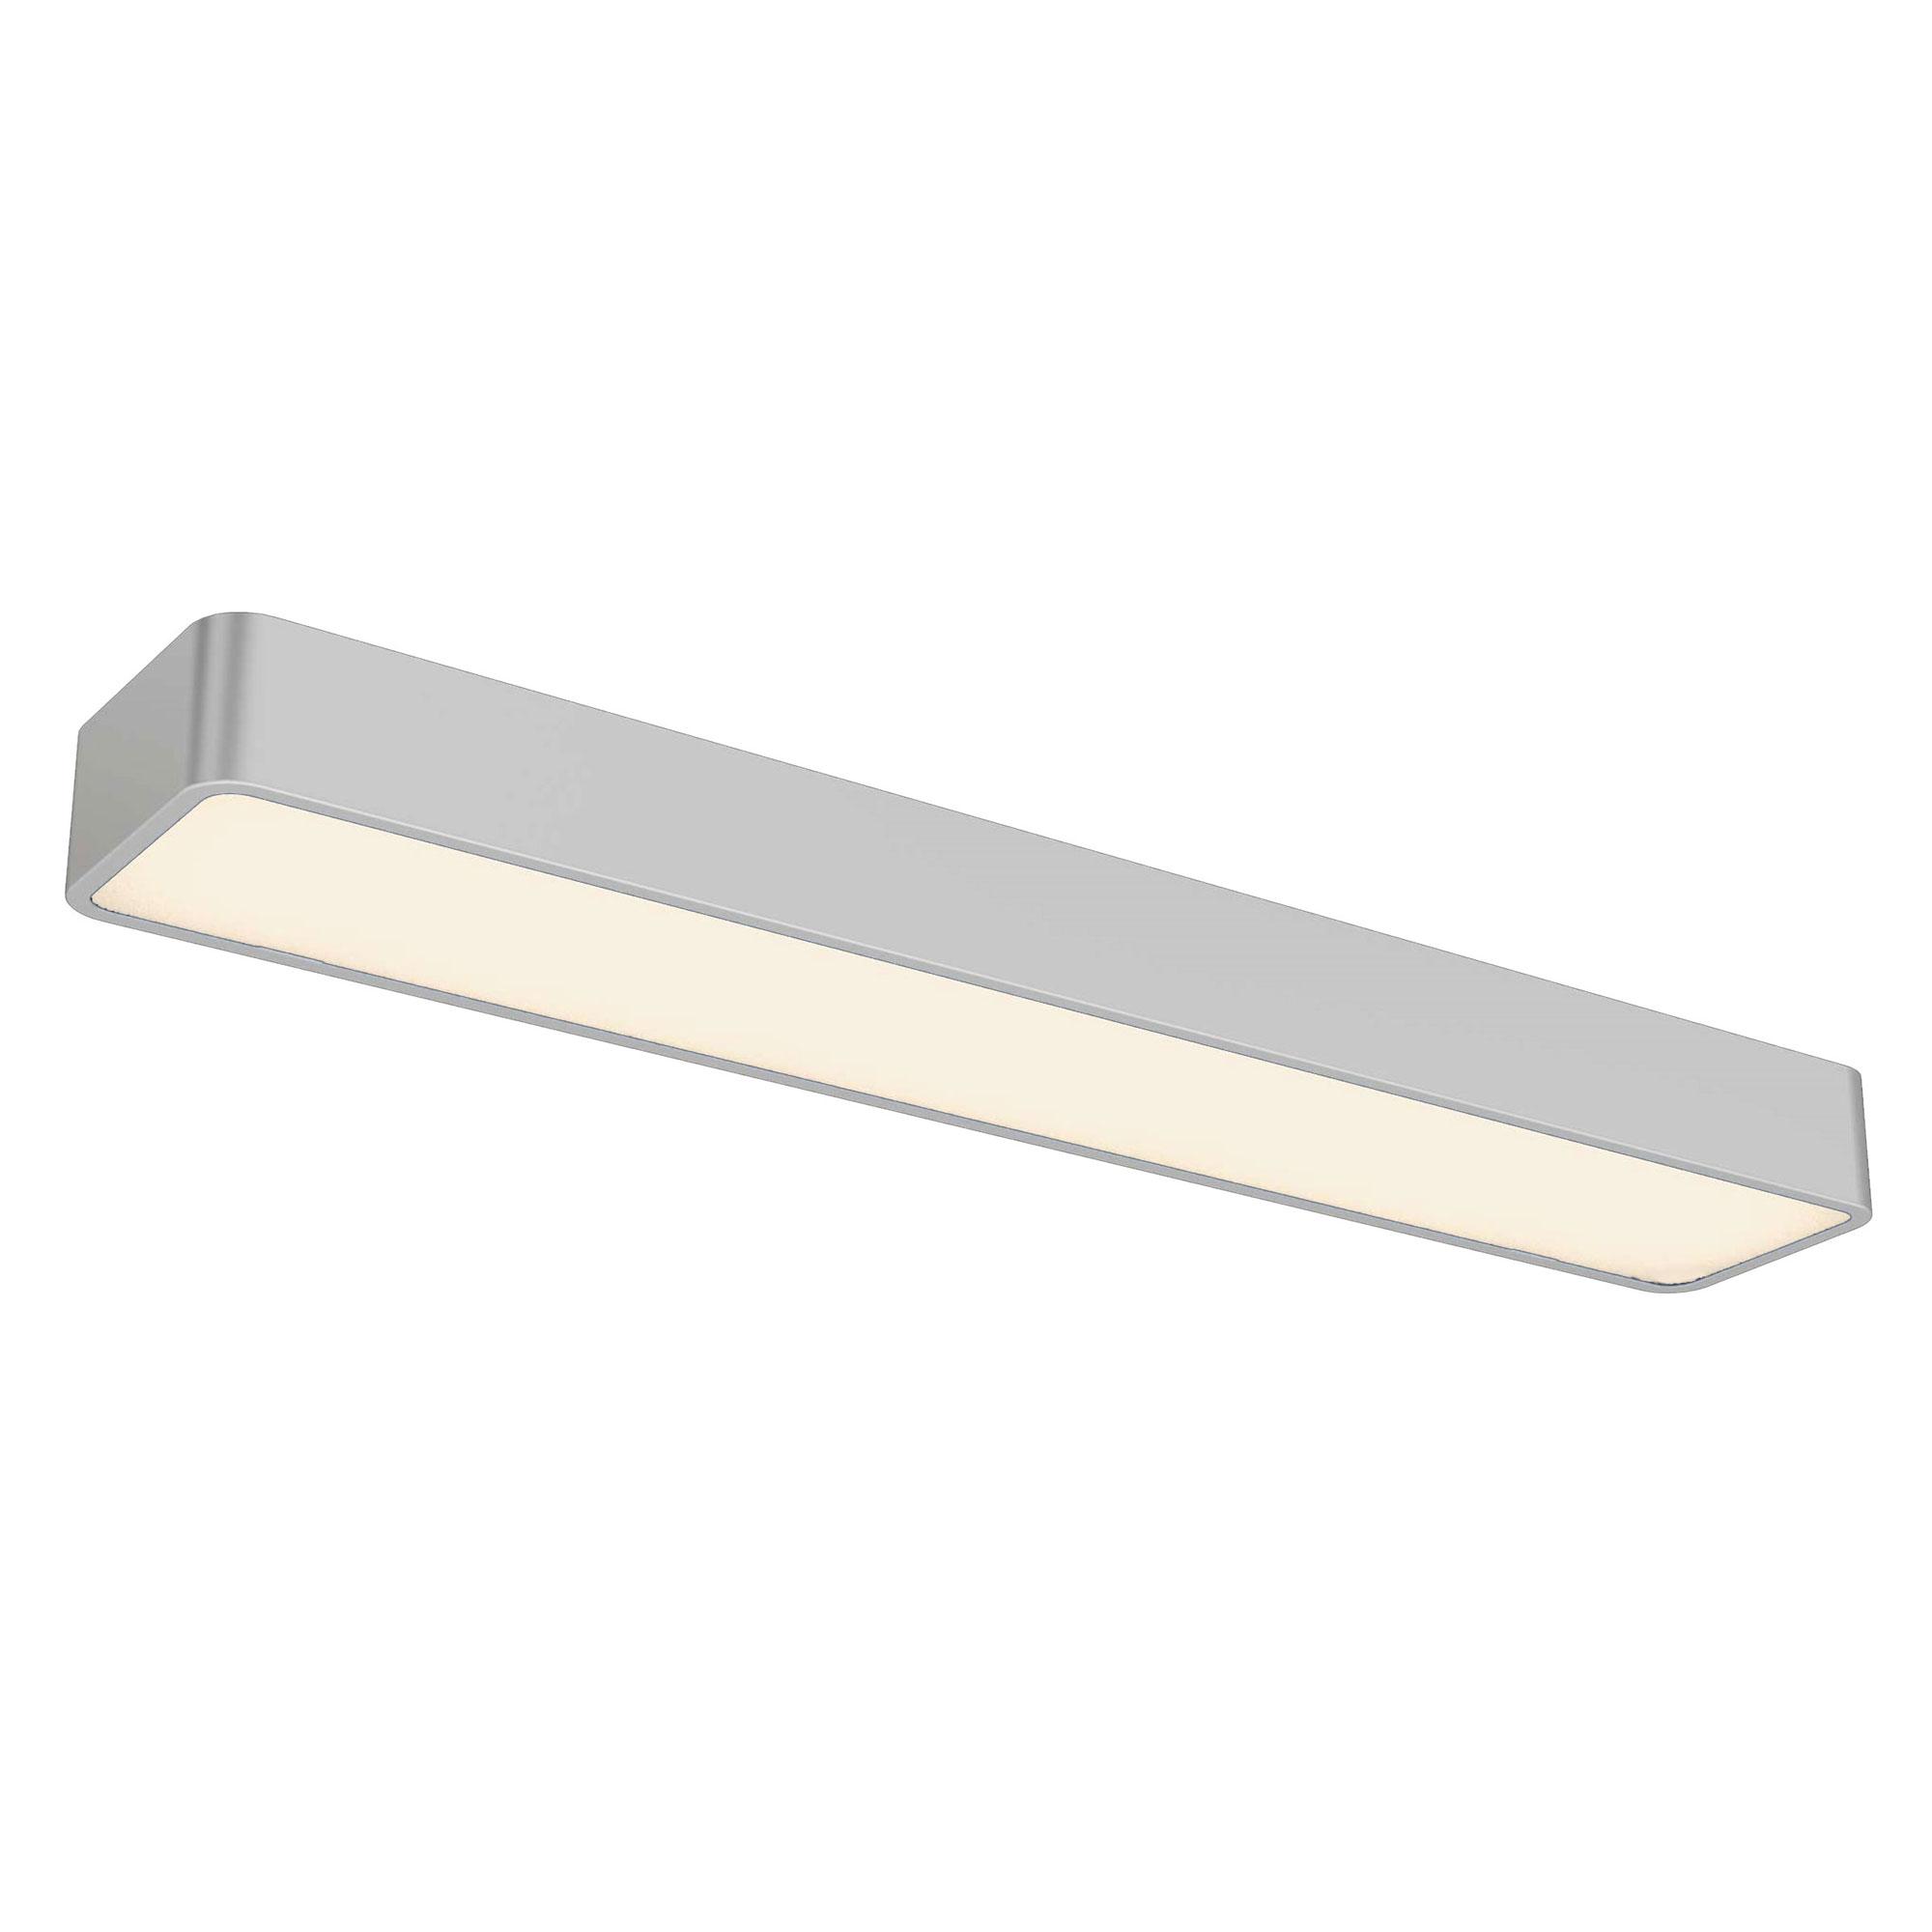 mont blanc flush mount ceiling wall light open box by dvi lighting ob dvp16802sn op